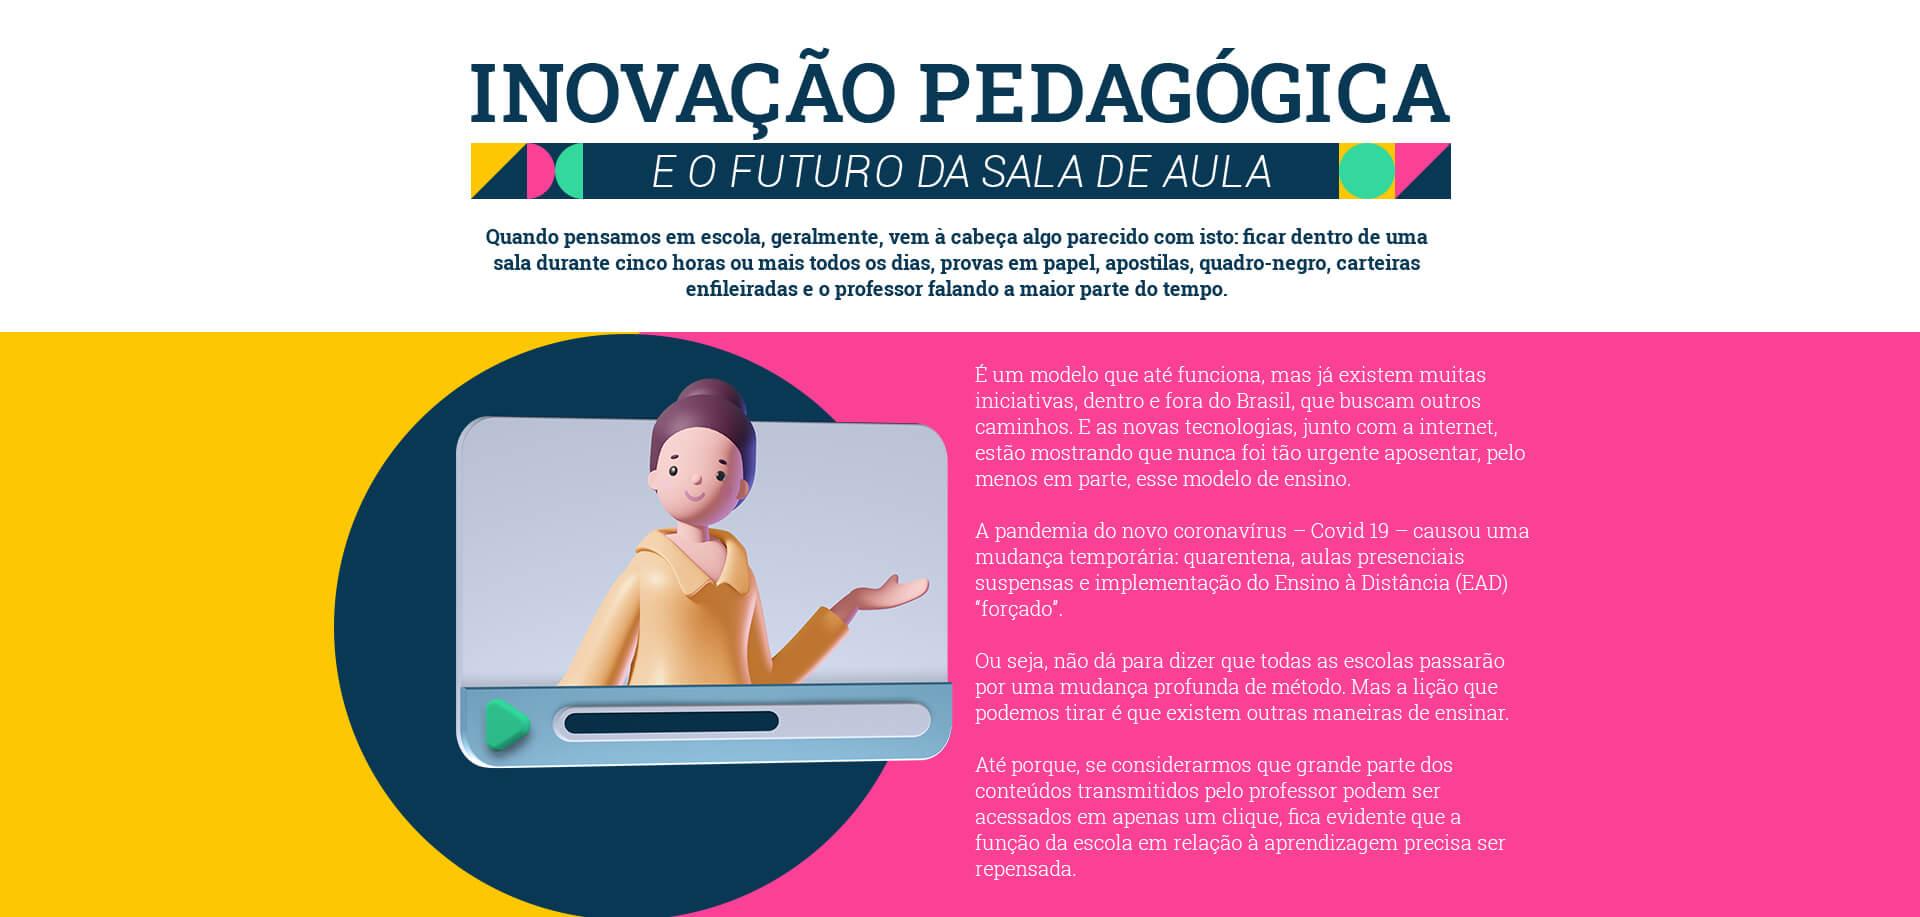 Inovação Pedagógica